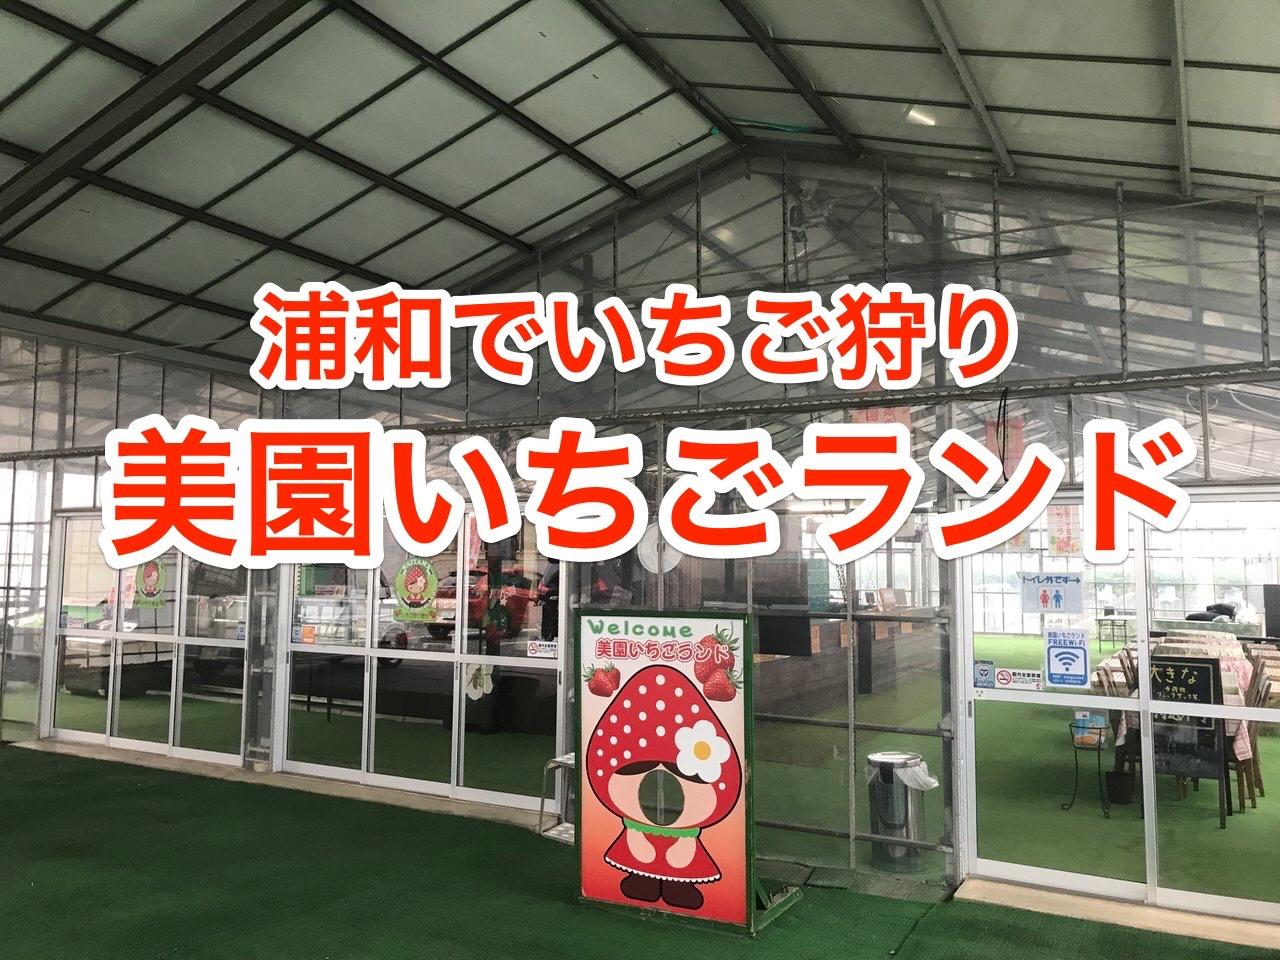 浦和でいちご狩り「美園いちごランド」レポート2019【予約は?】